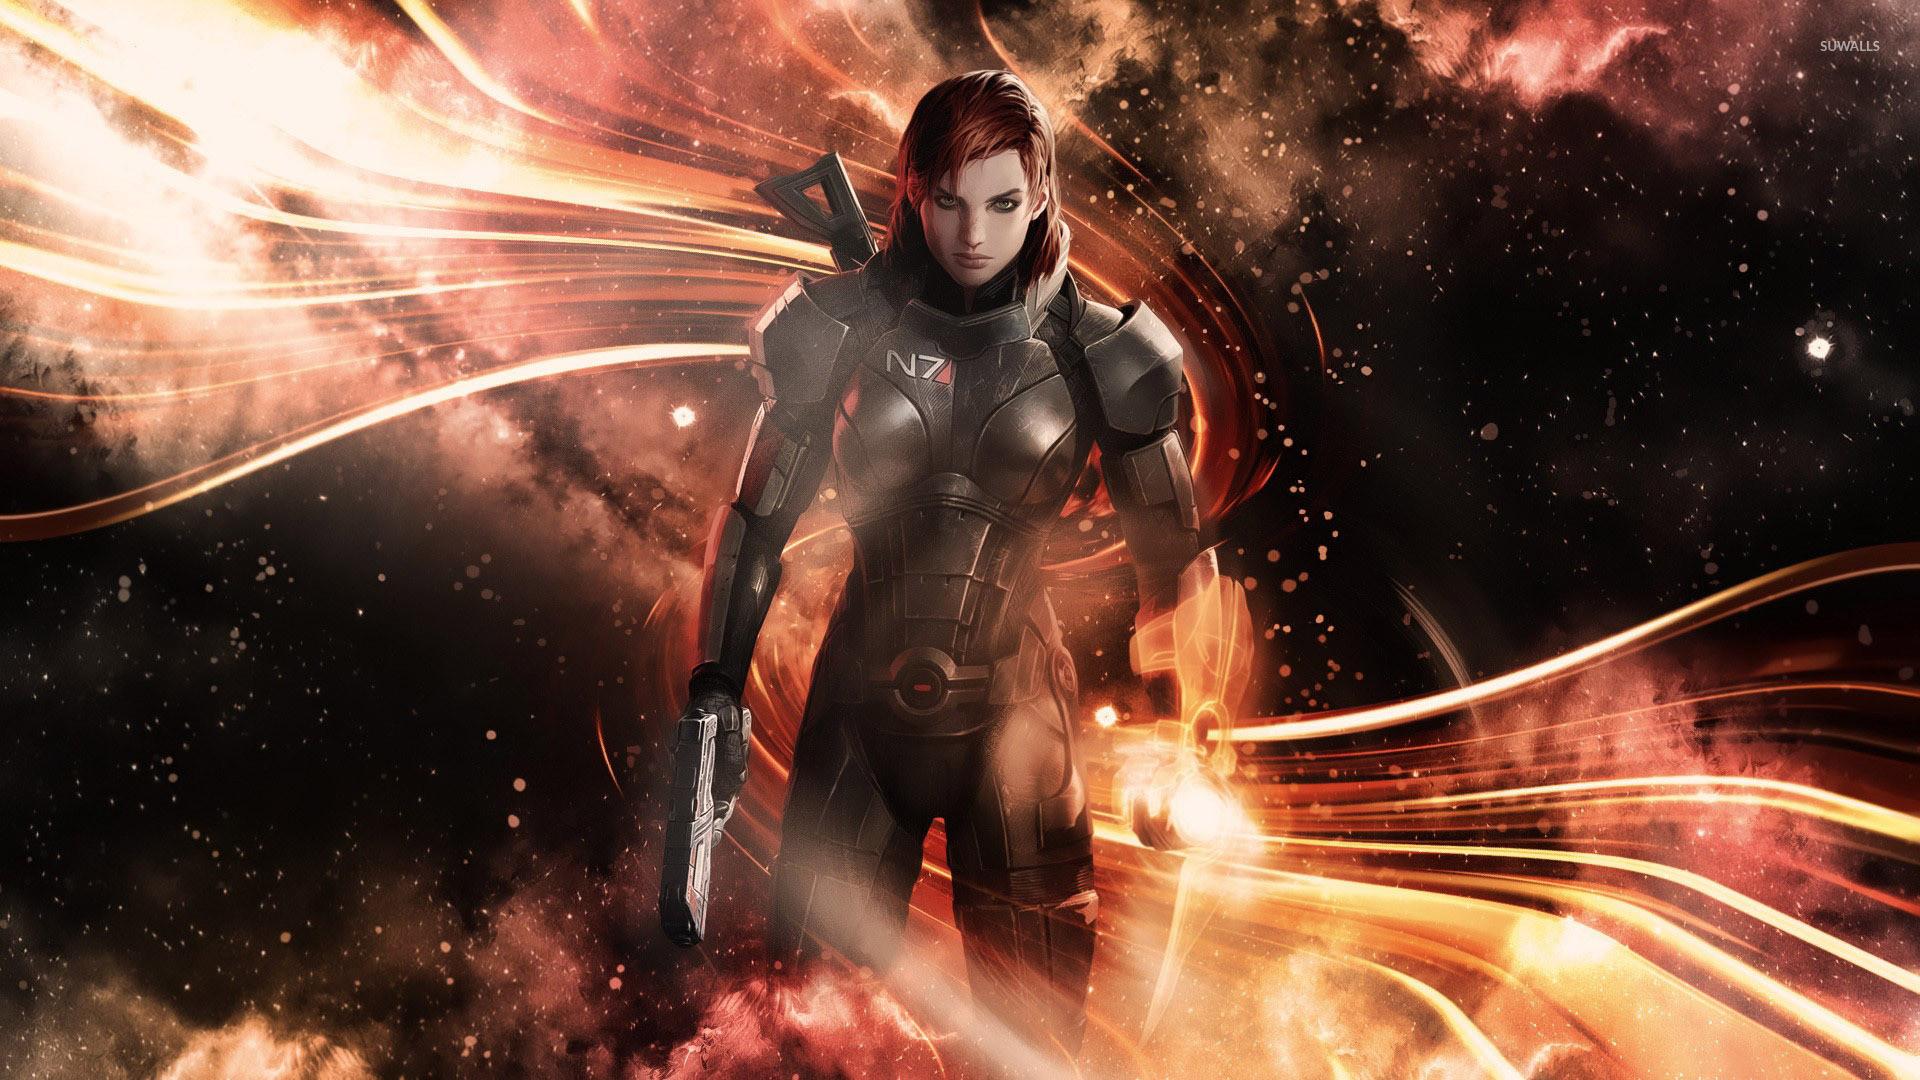 Commander Shepard – Mass Effect 3 [3] wallpaper